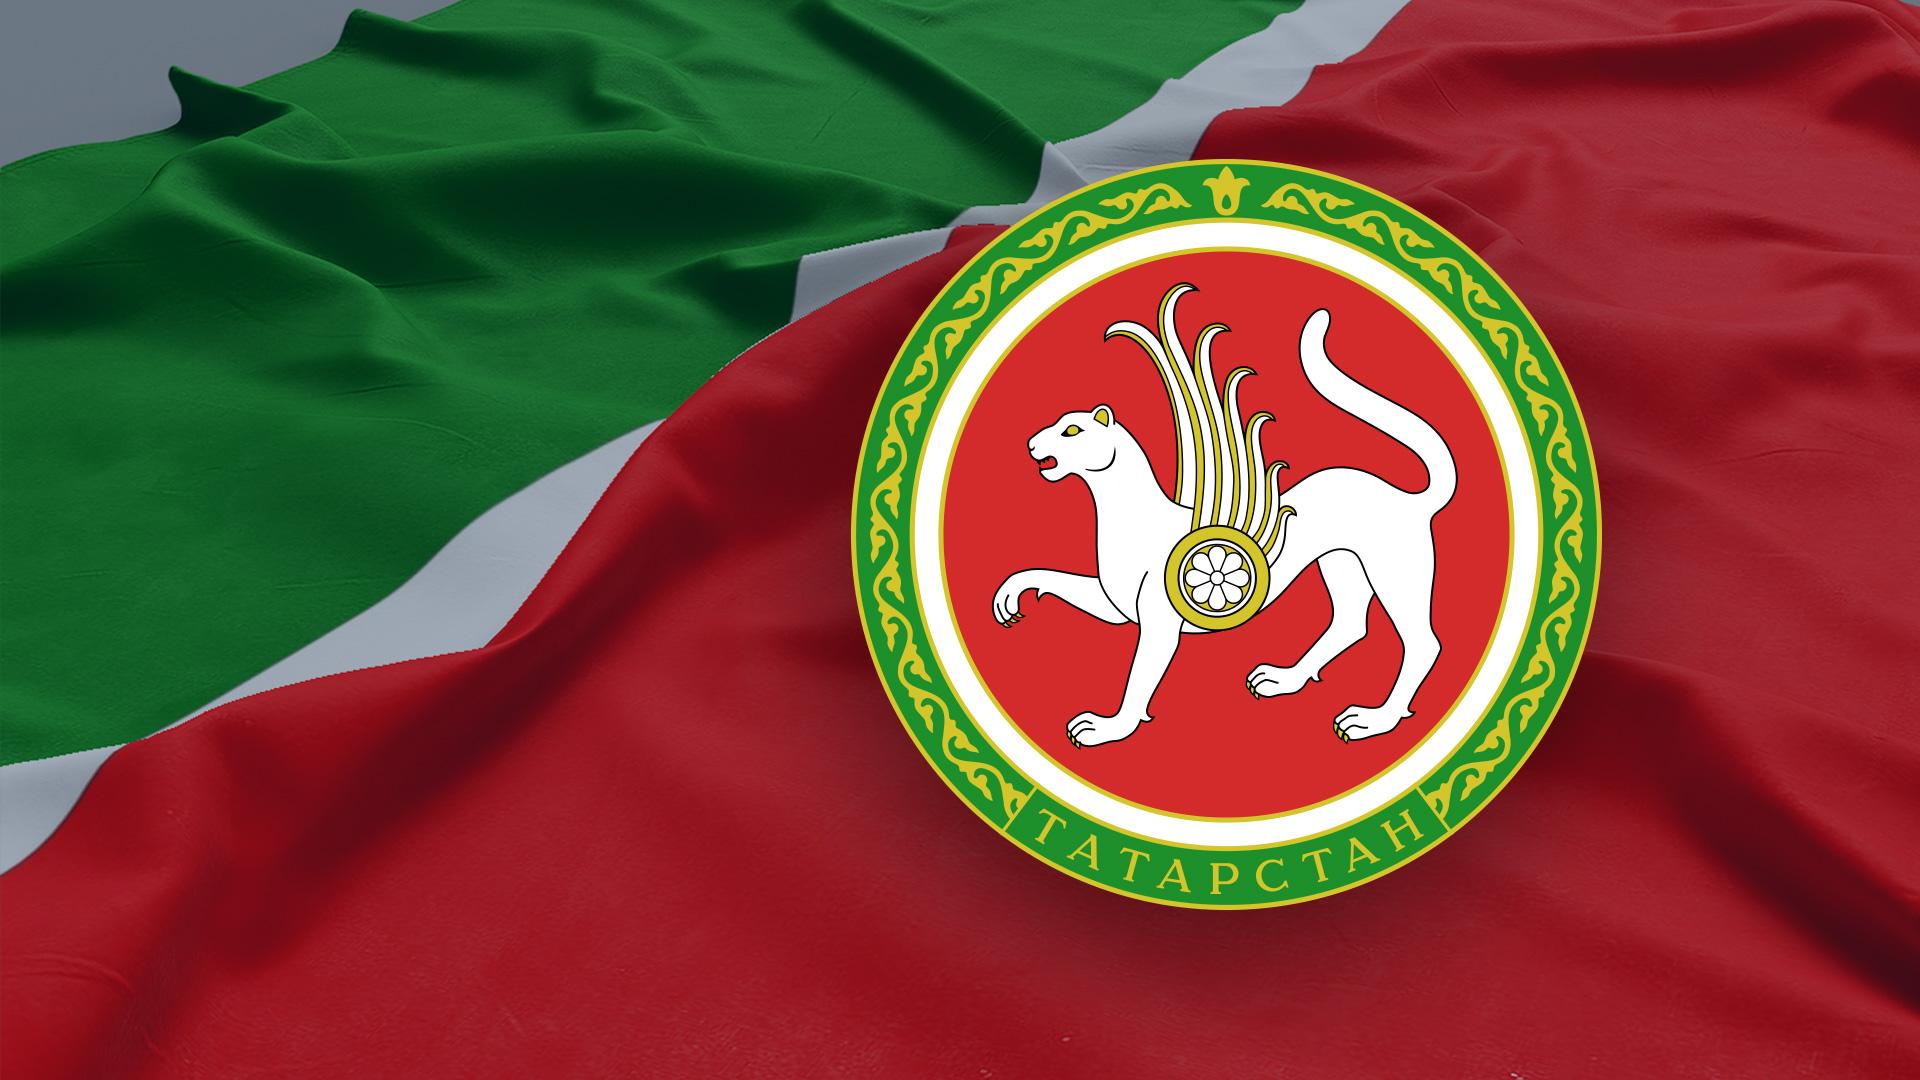 этом фото герб и флаг татарстана картинки может быть